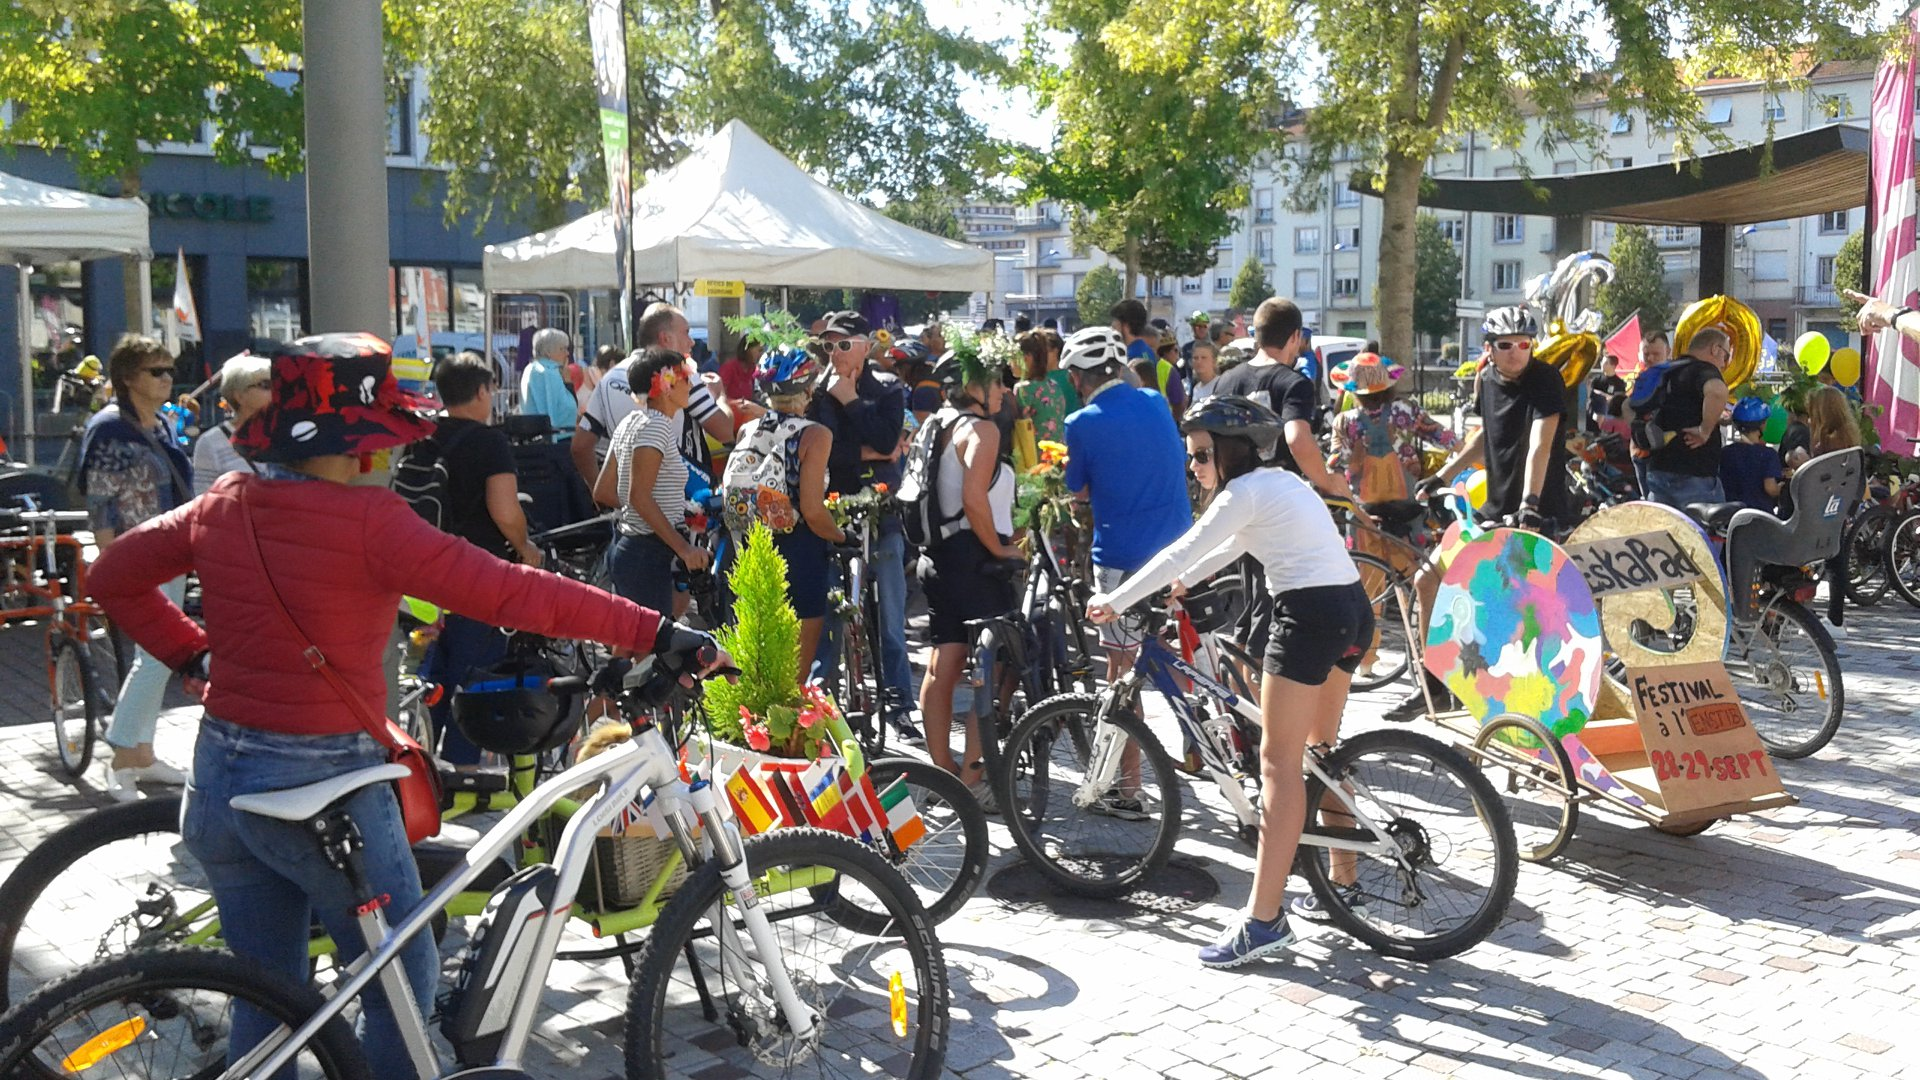 Remise des prix des vélos décorés aux folles journées du vélo à Epinal, le 15 septembre 2018